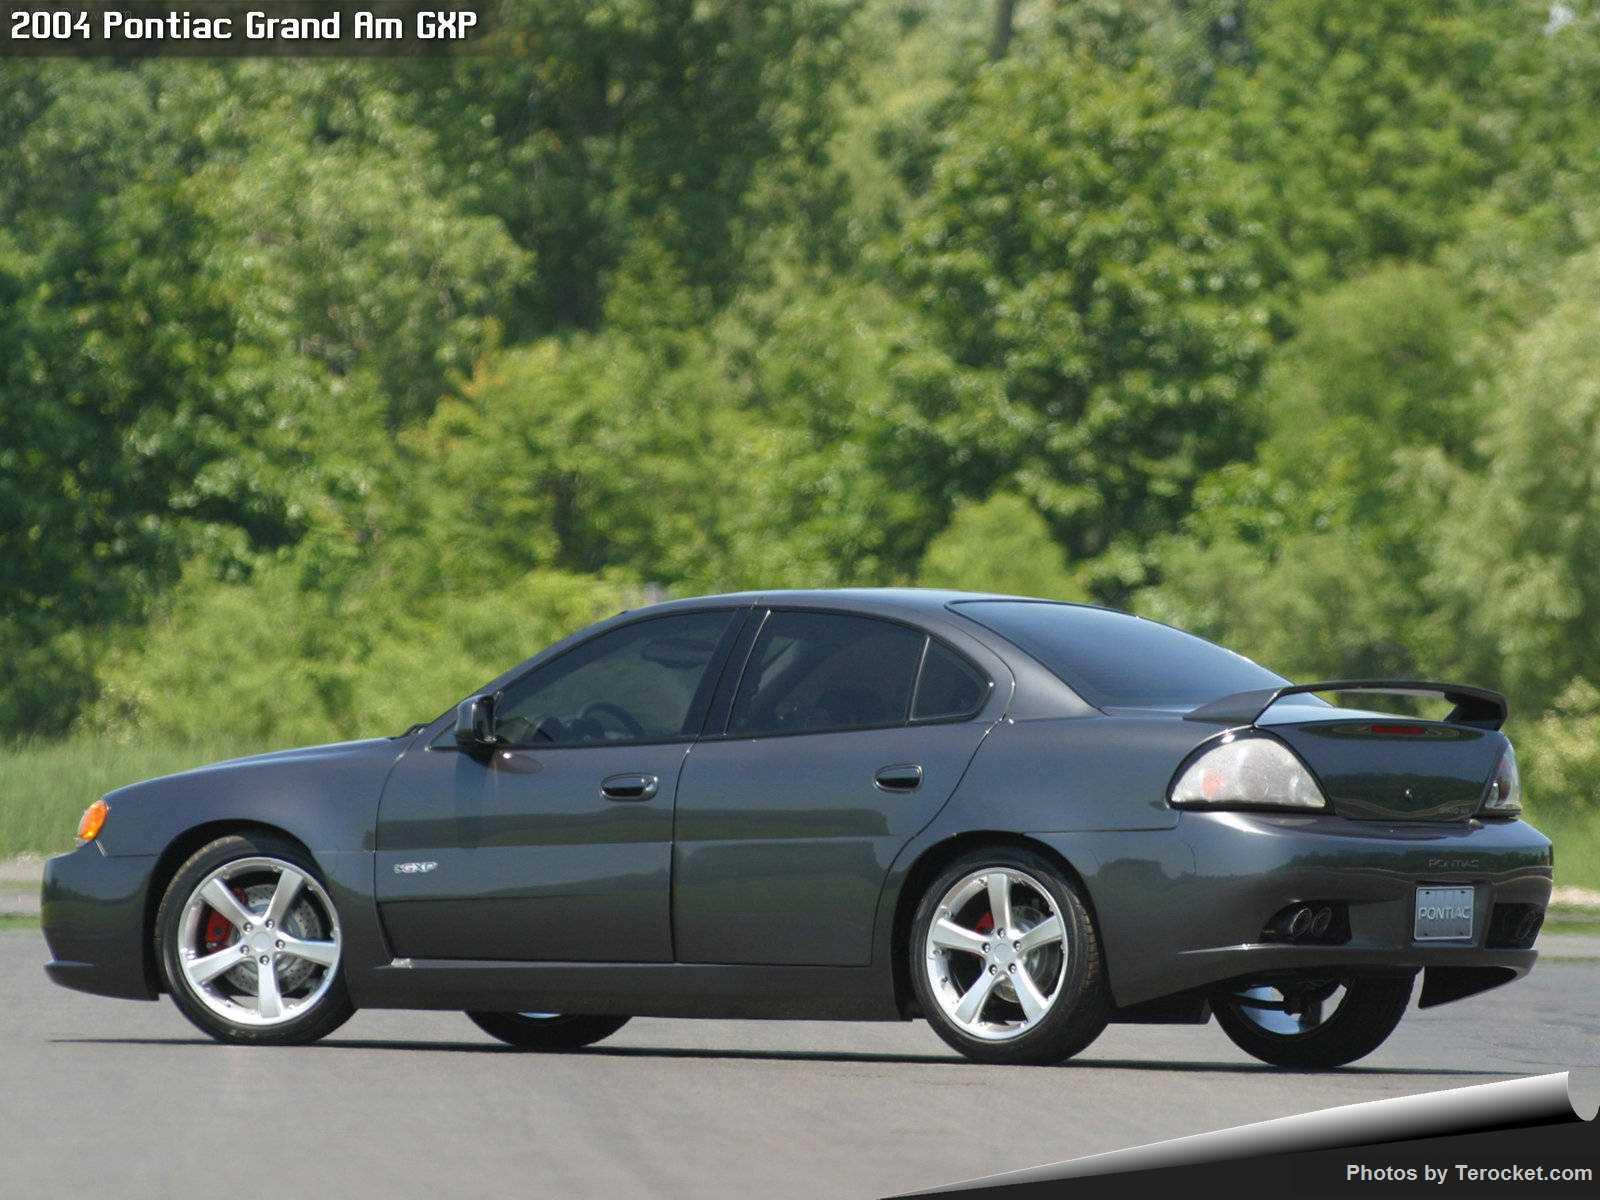 Hình ảnh xe ô tô Pontiac Grand Am GXP 2004 & nội ngoại thất